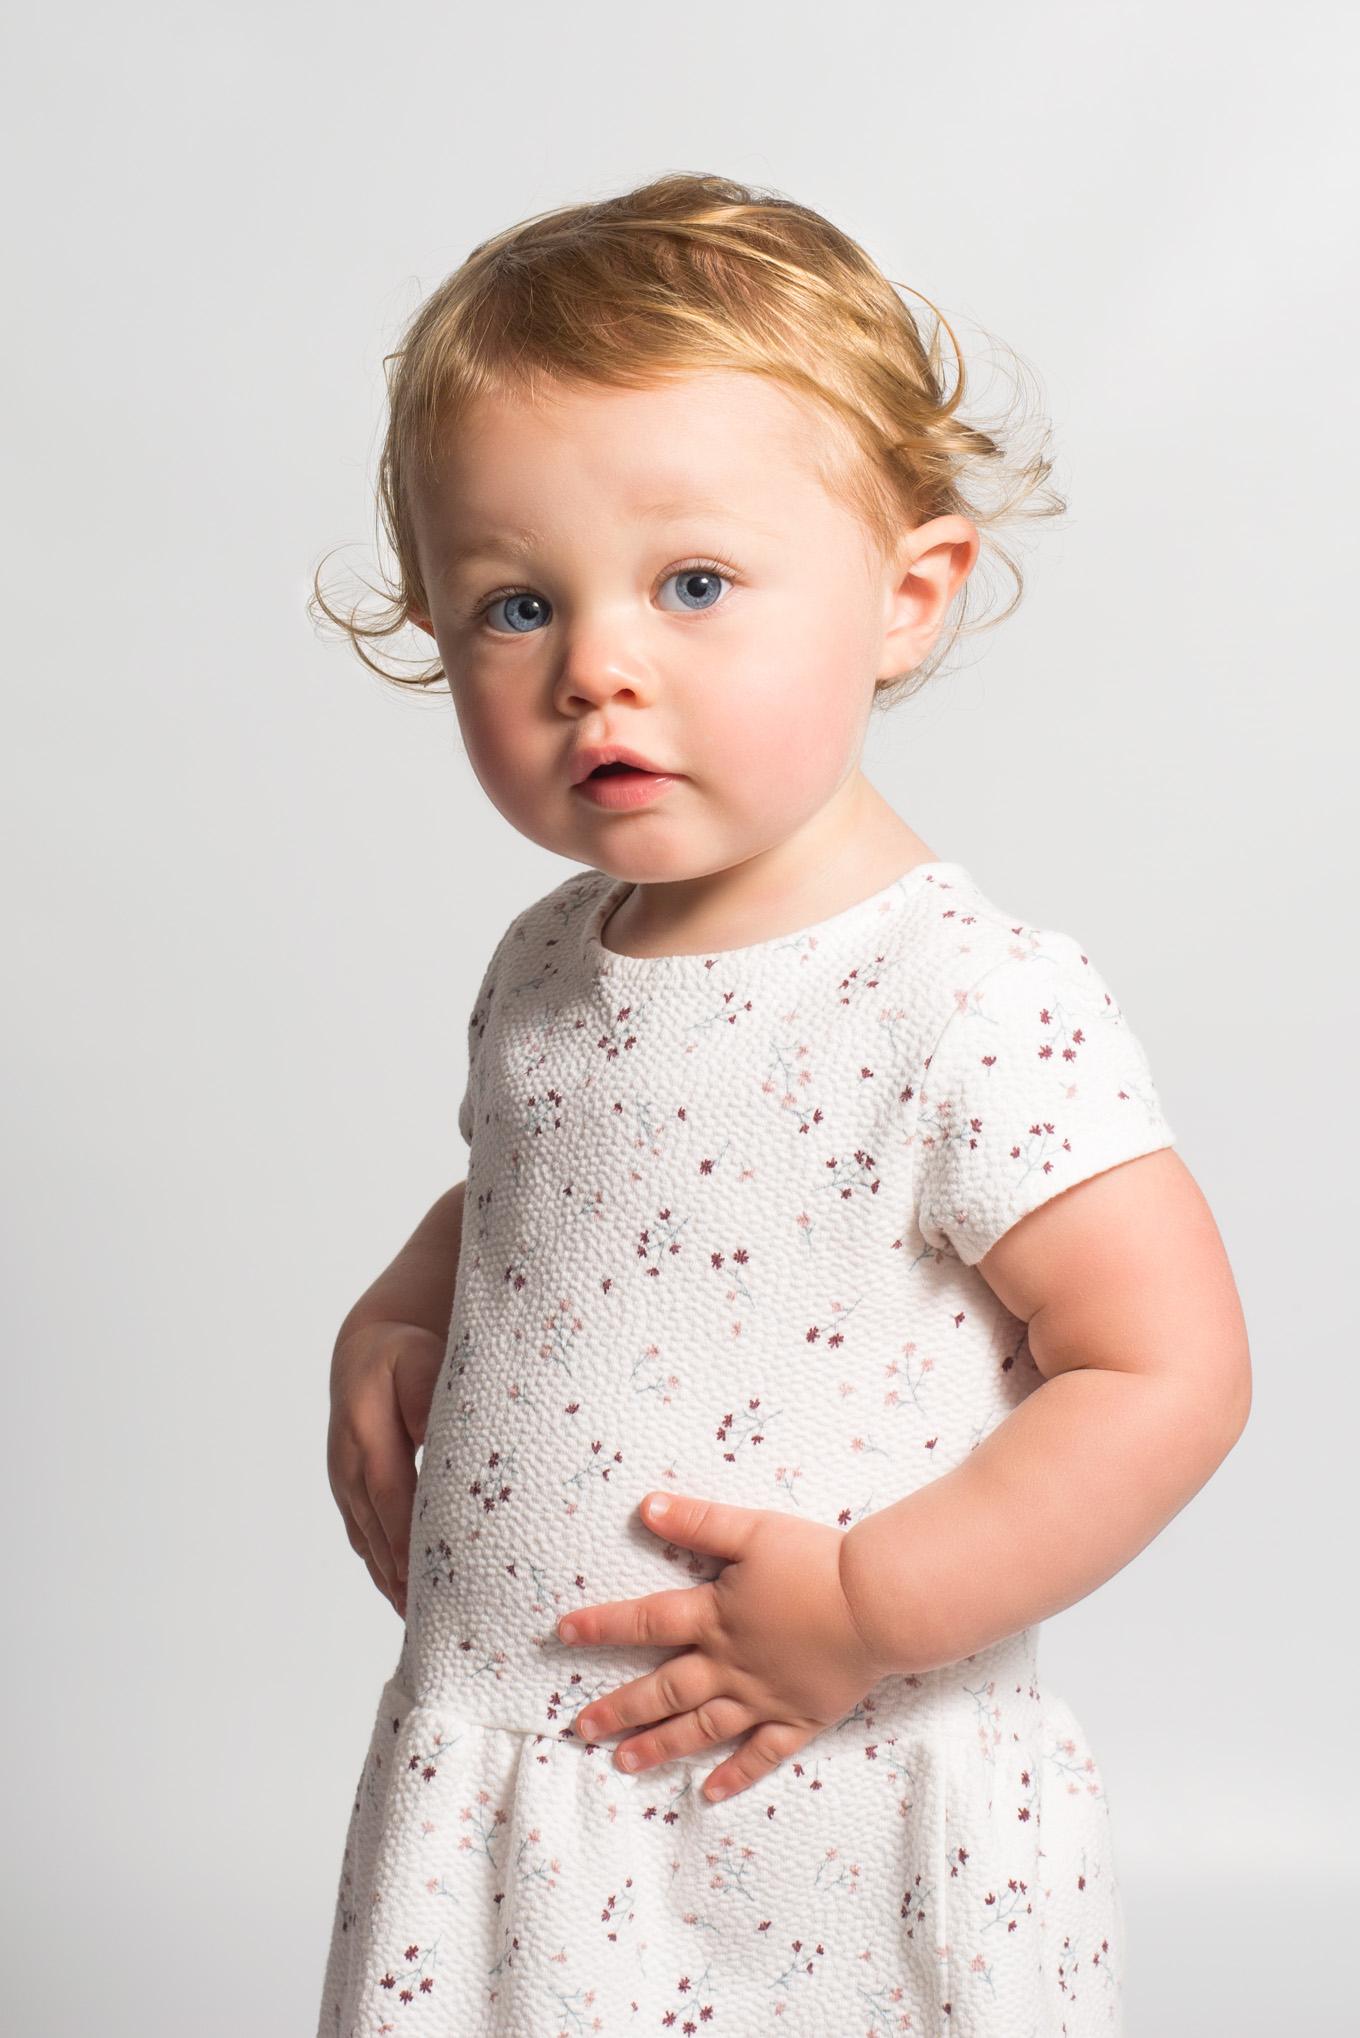 Adorable studio portrait | Children's Photography